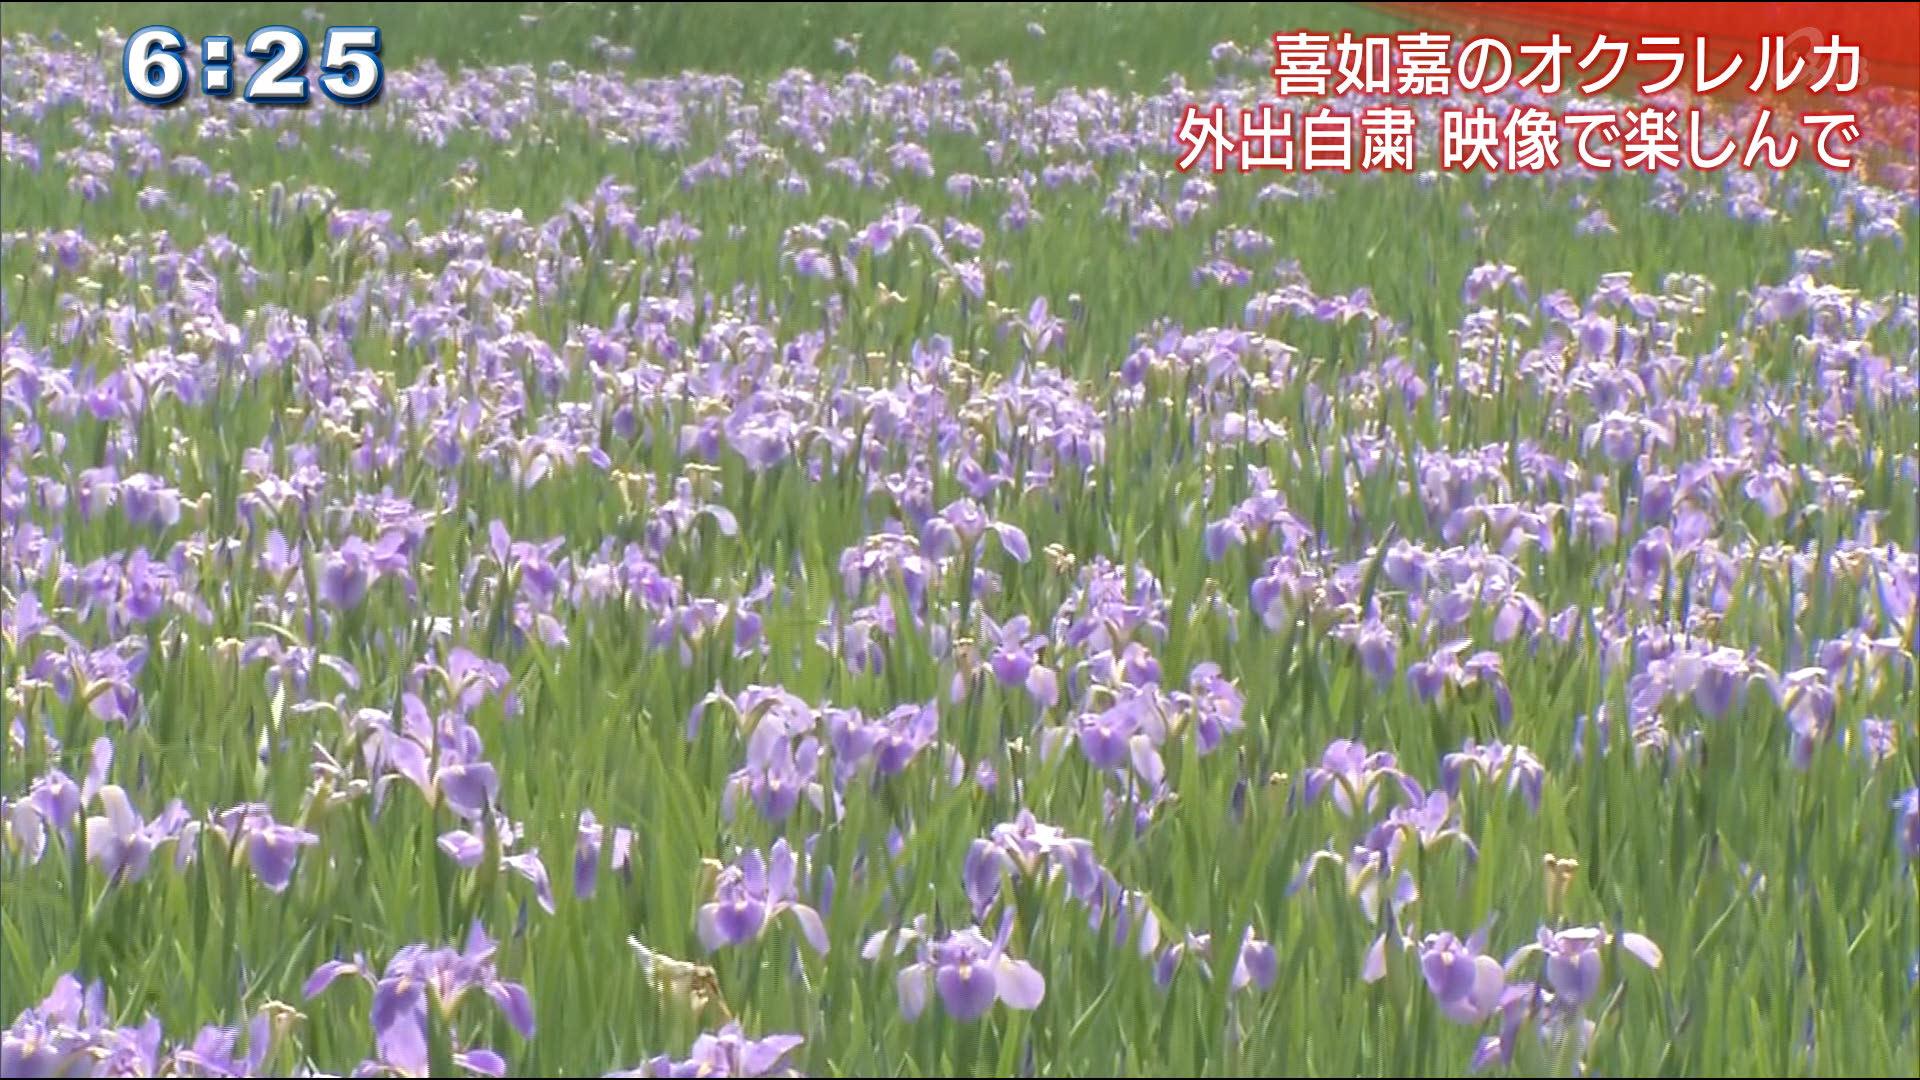 オクラレルカの花咲くも・・週末は自粛要請